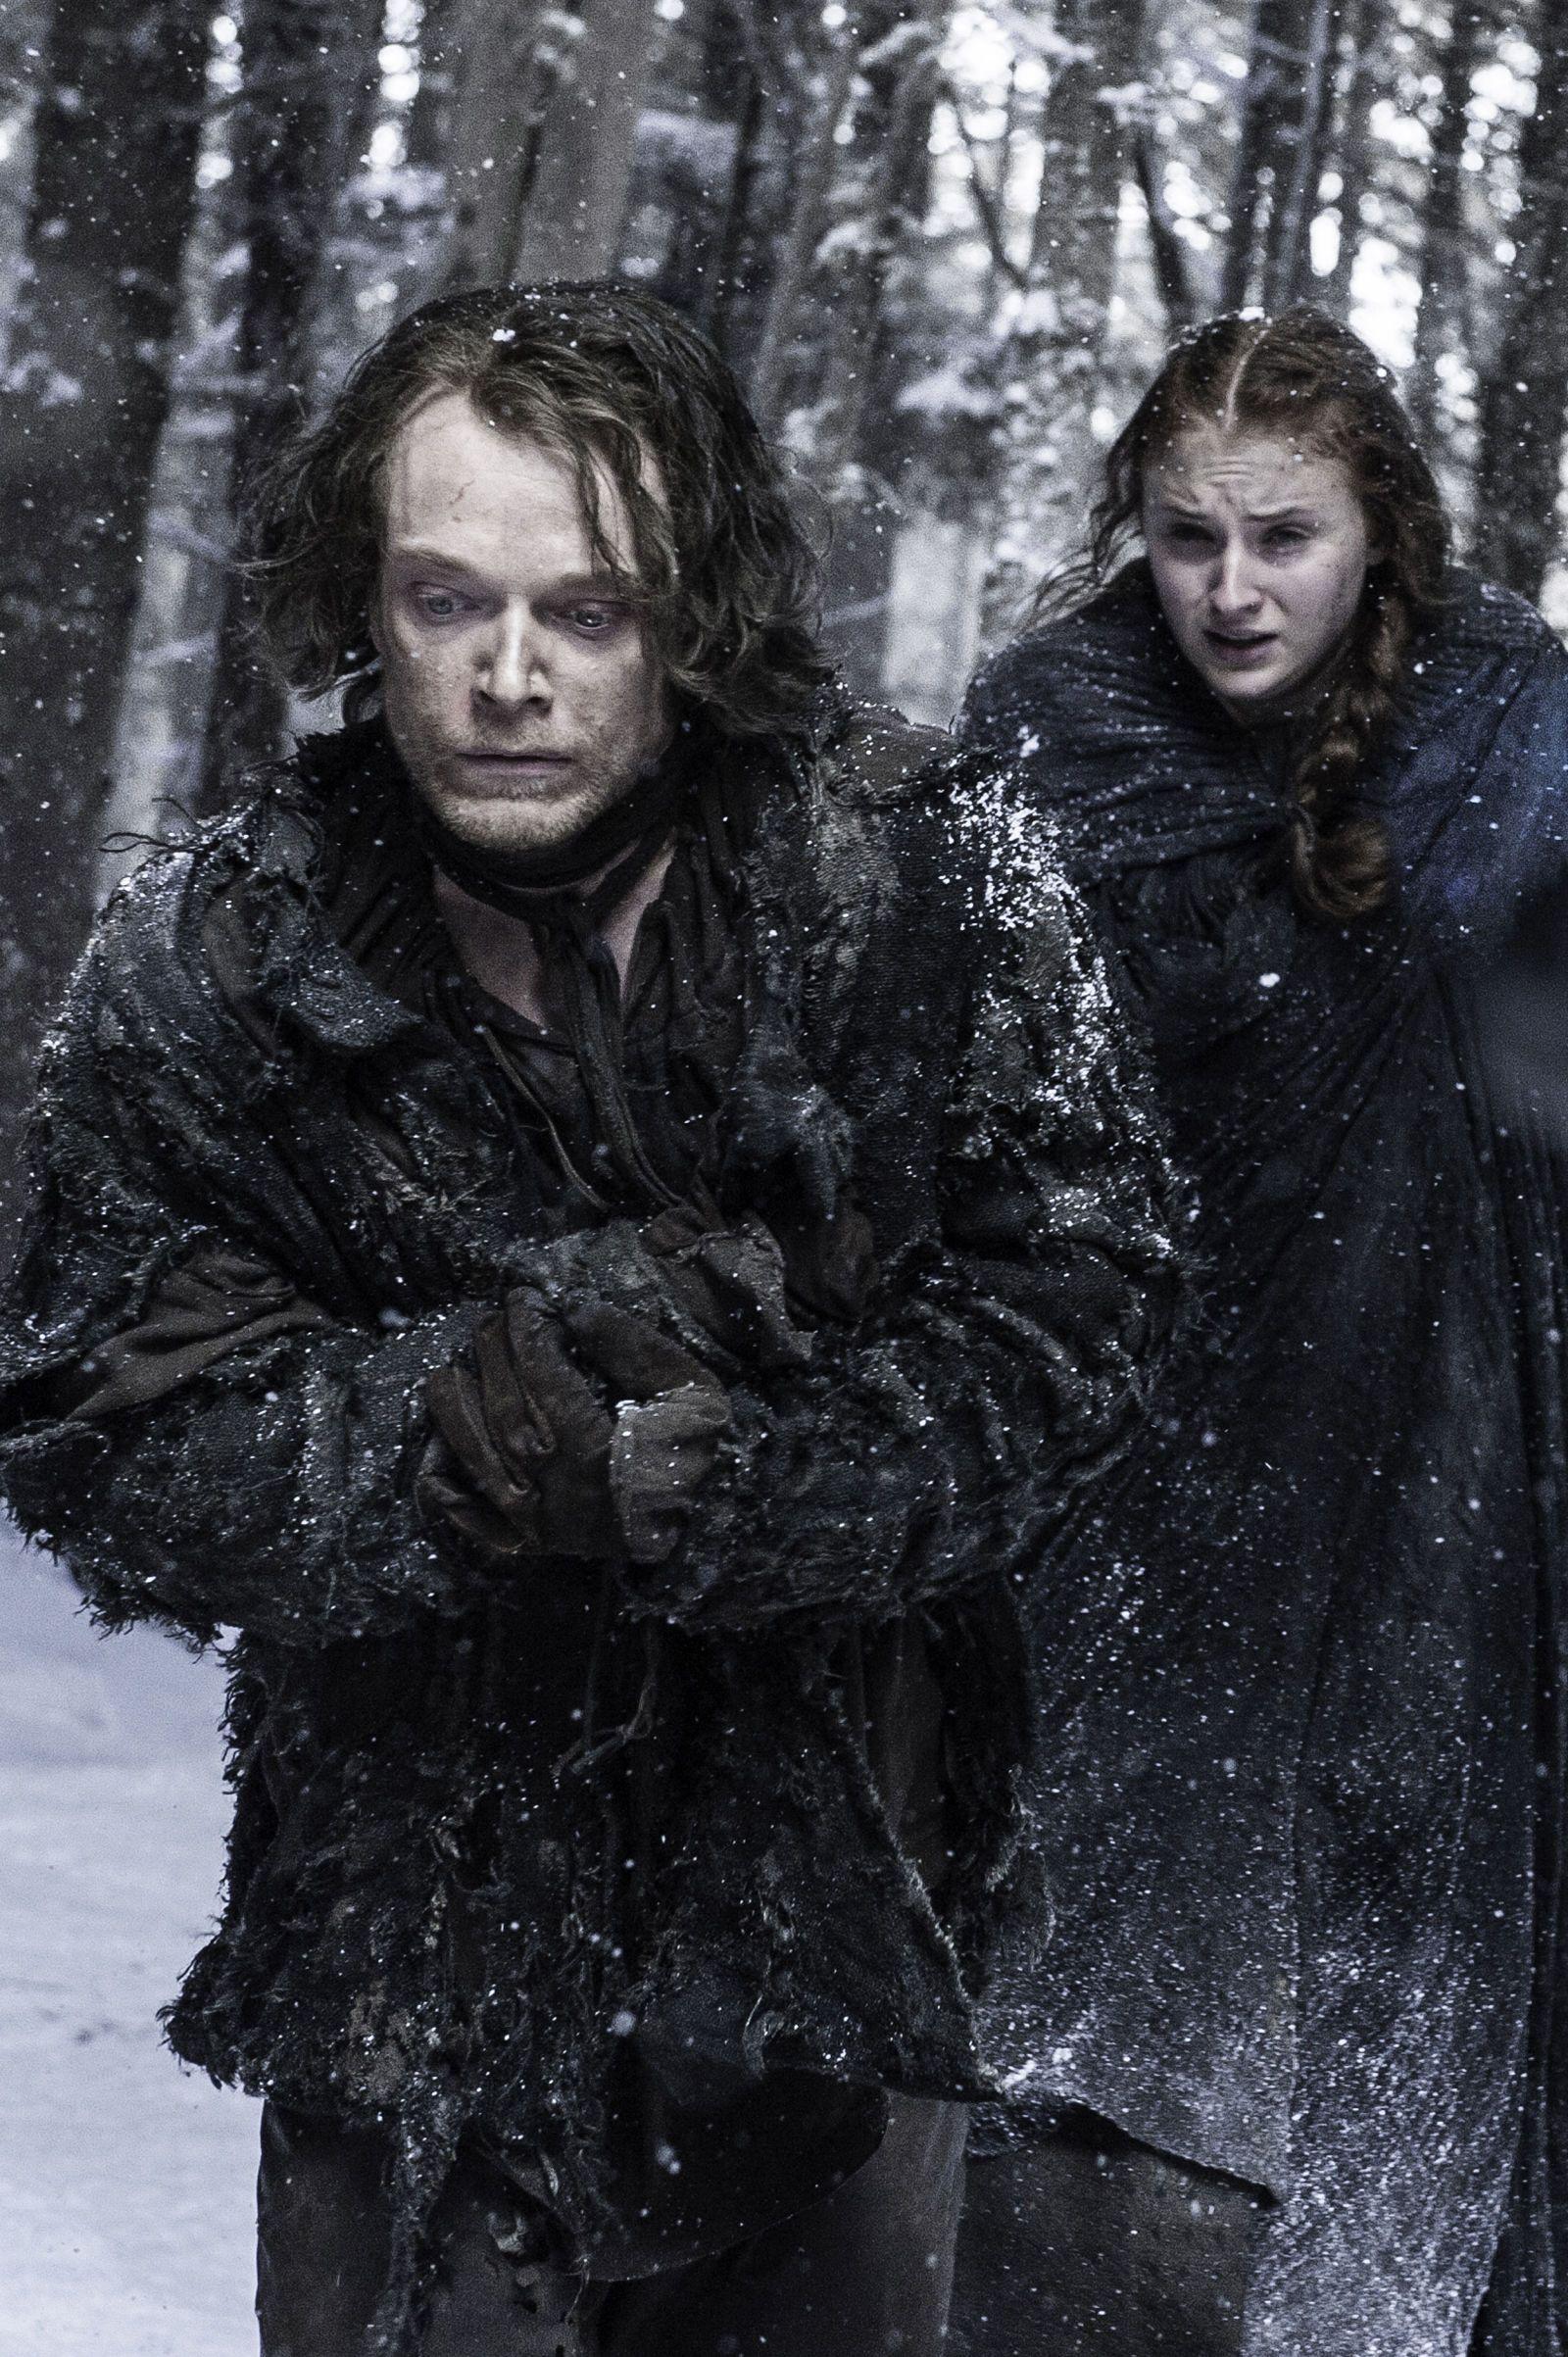 Game of Thrones Season 6 Episode 1 Sansa, Theon greyjoy